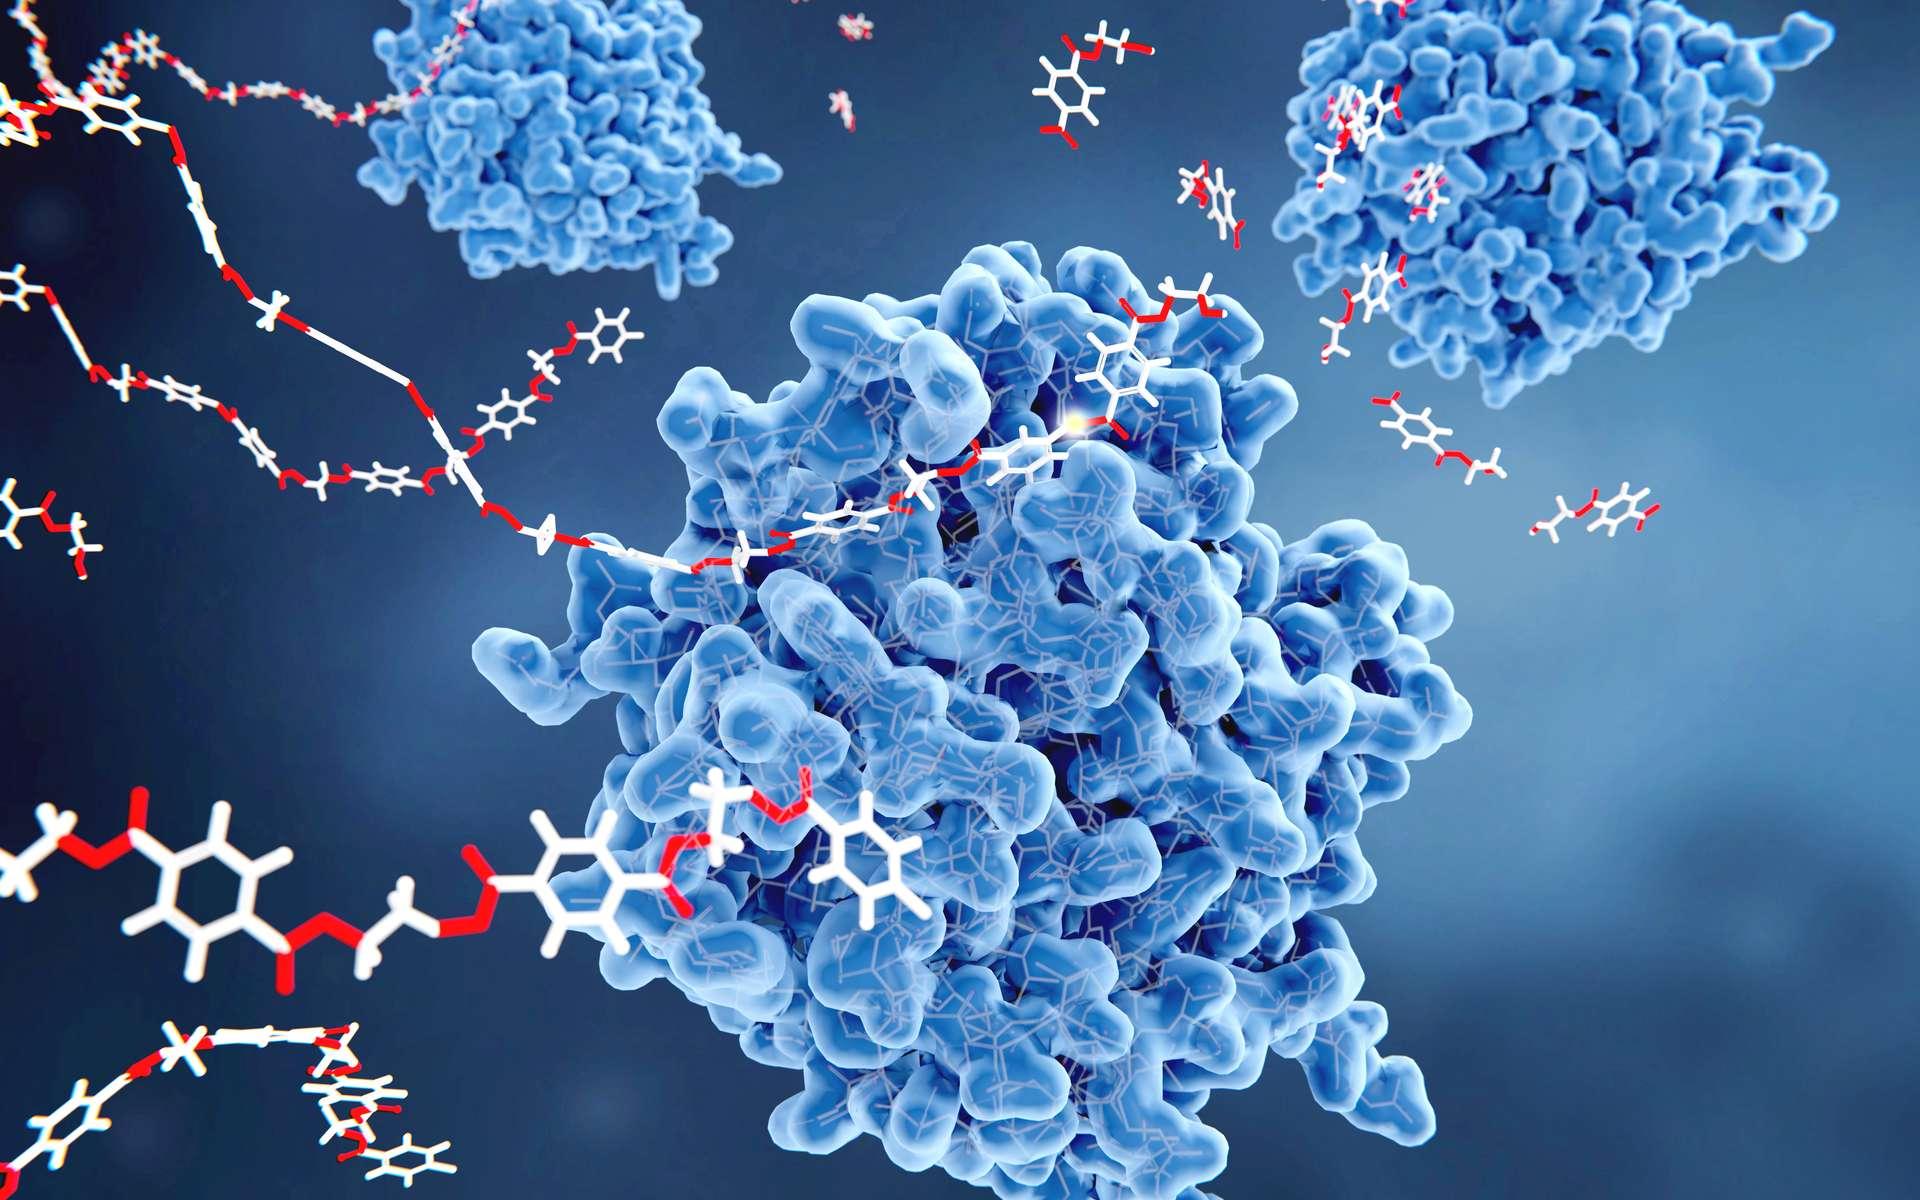 L'enzyme PETase dégrade le polymère. © Juan Gärtner, Fotolia